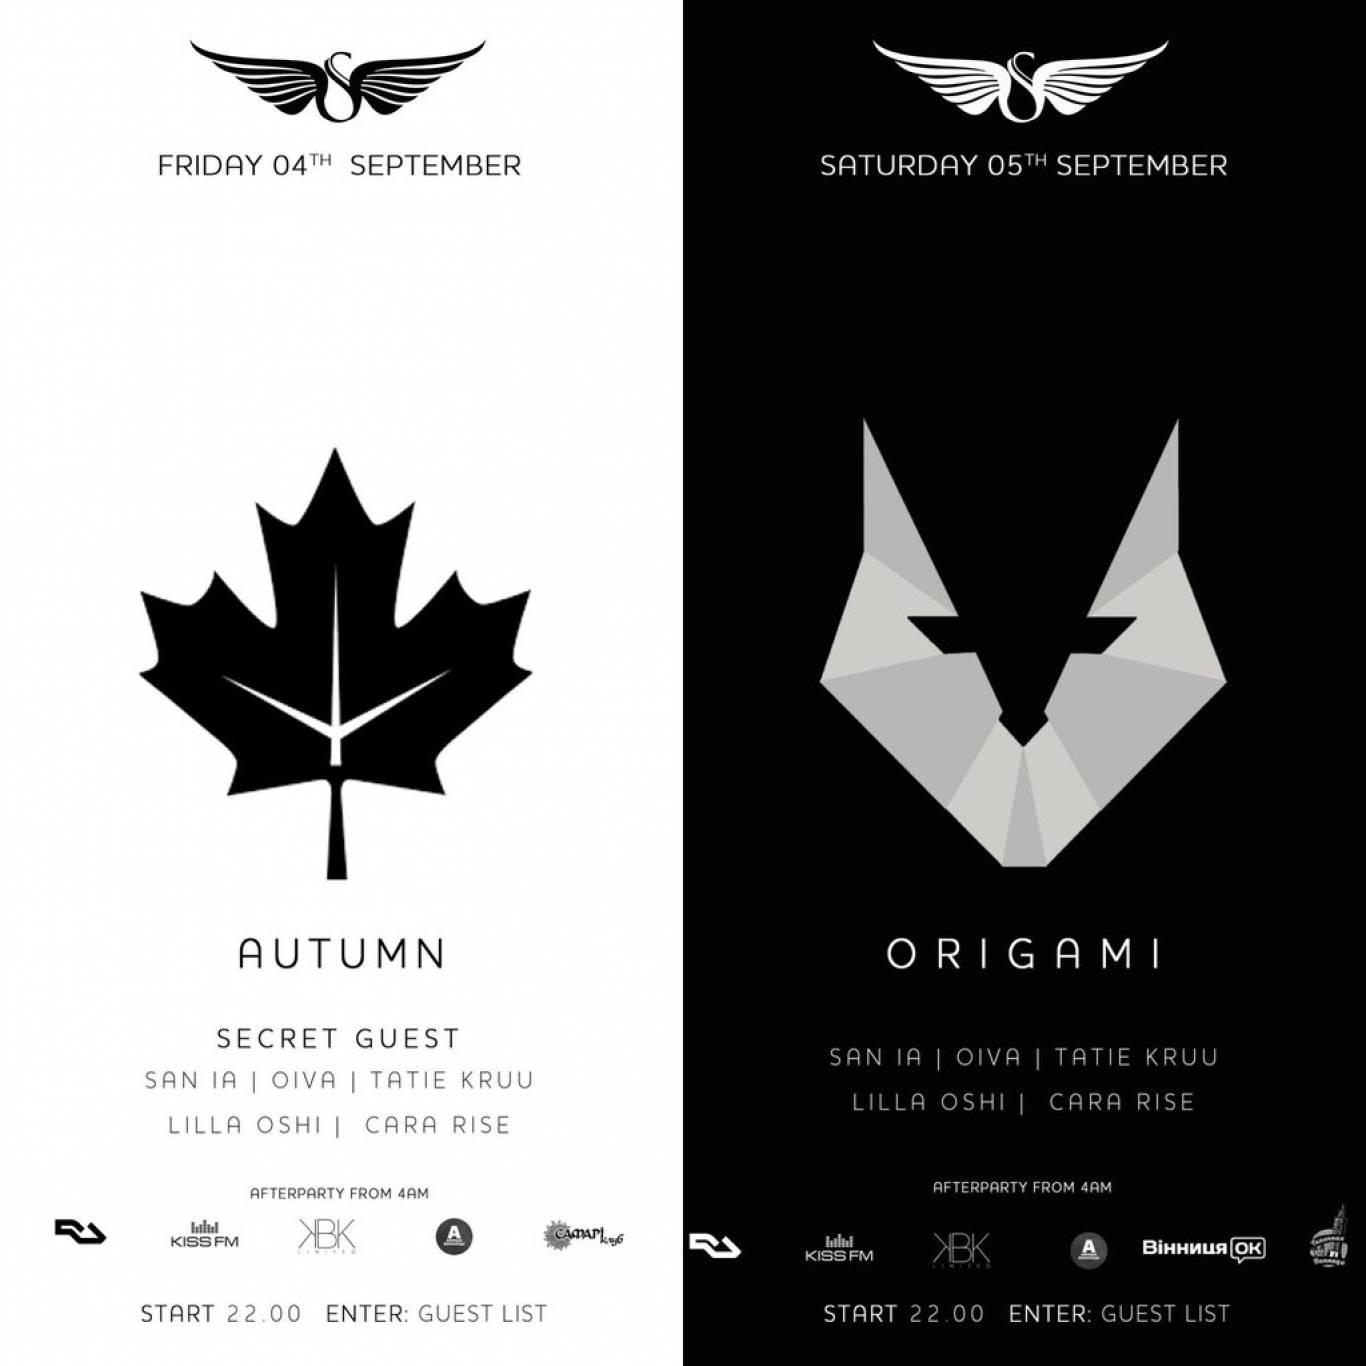 Осінні вечірки у Skyroom «Аutumn» та «Оrigami»